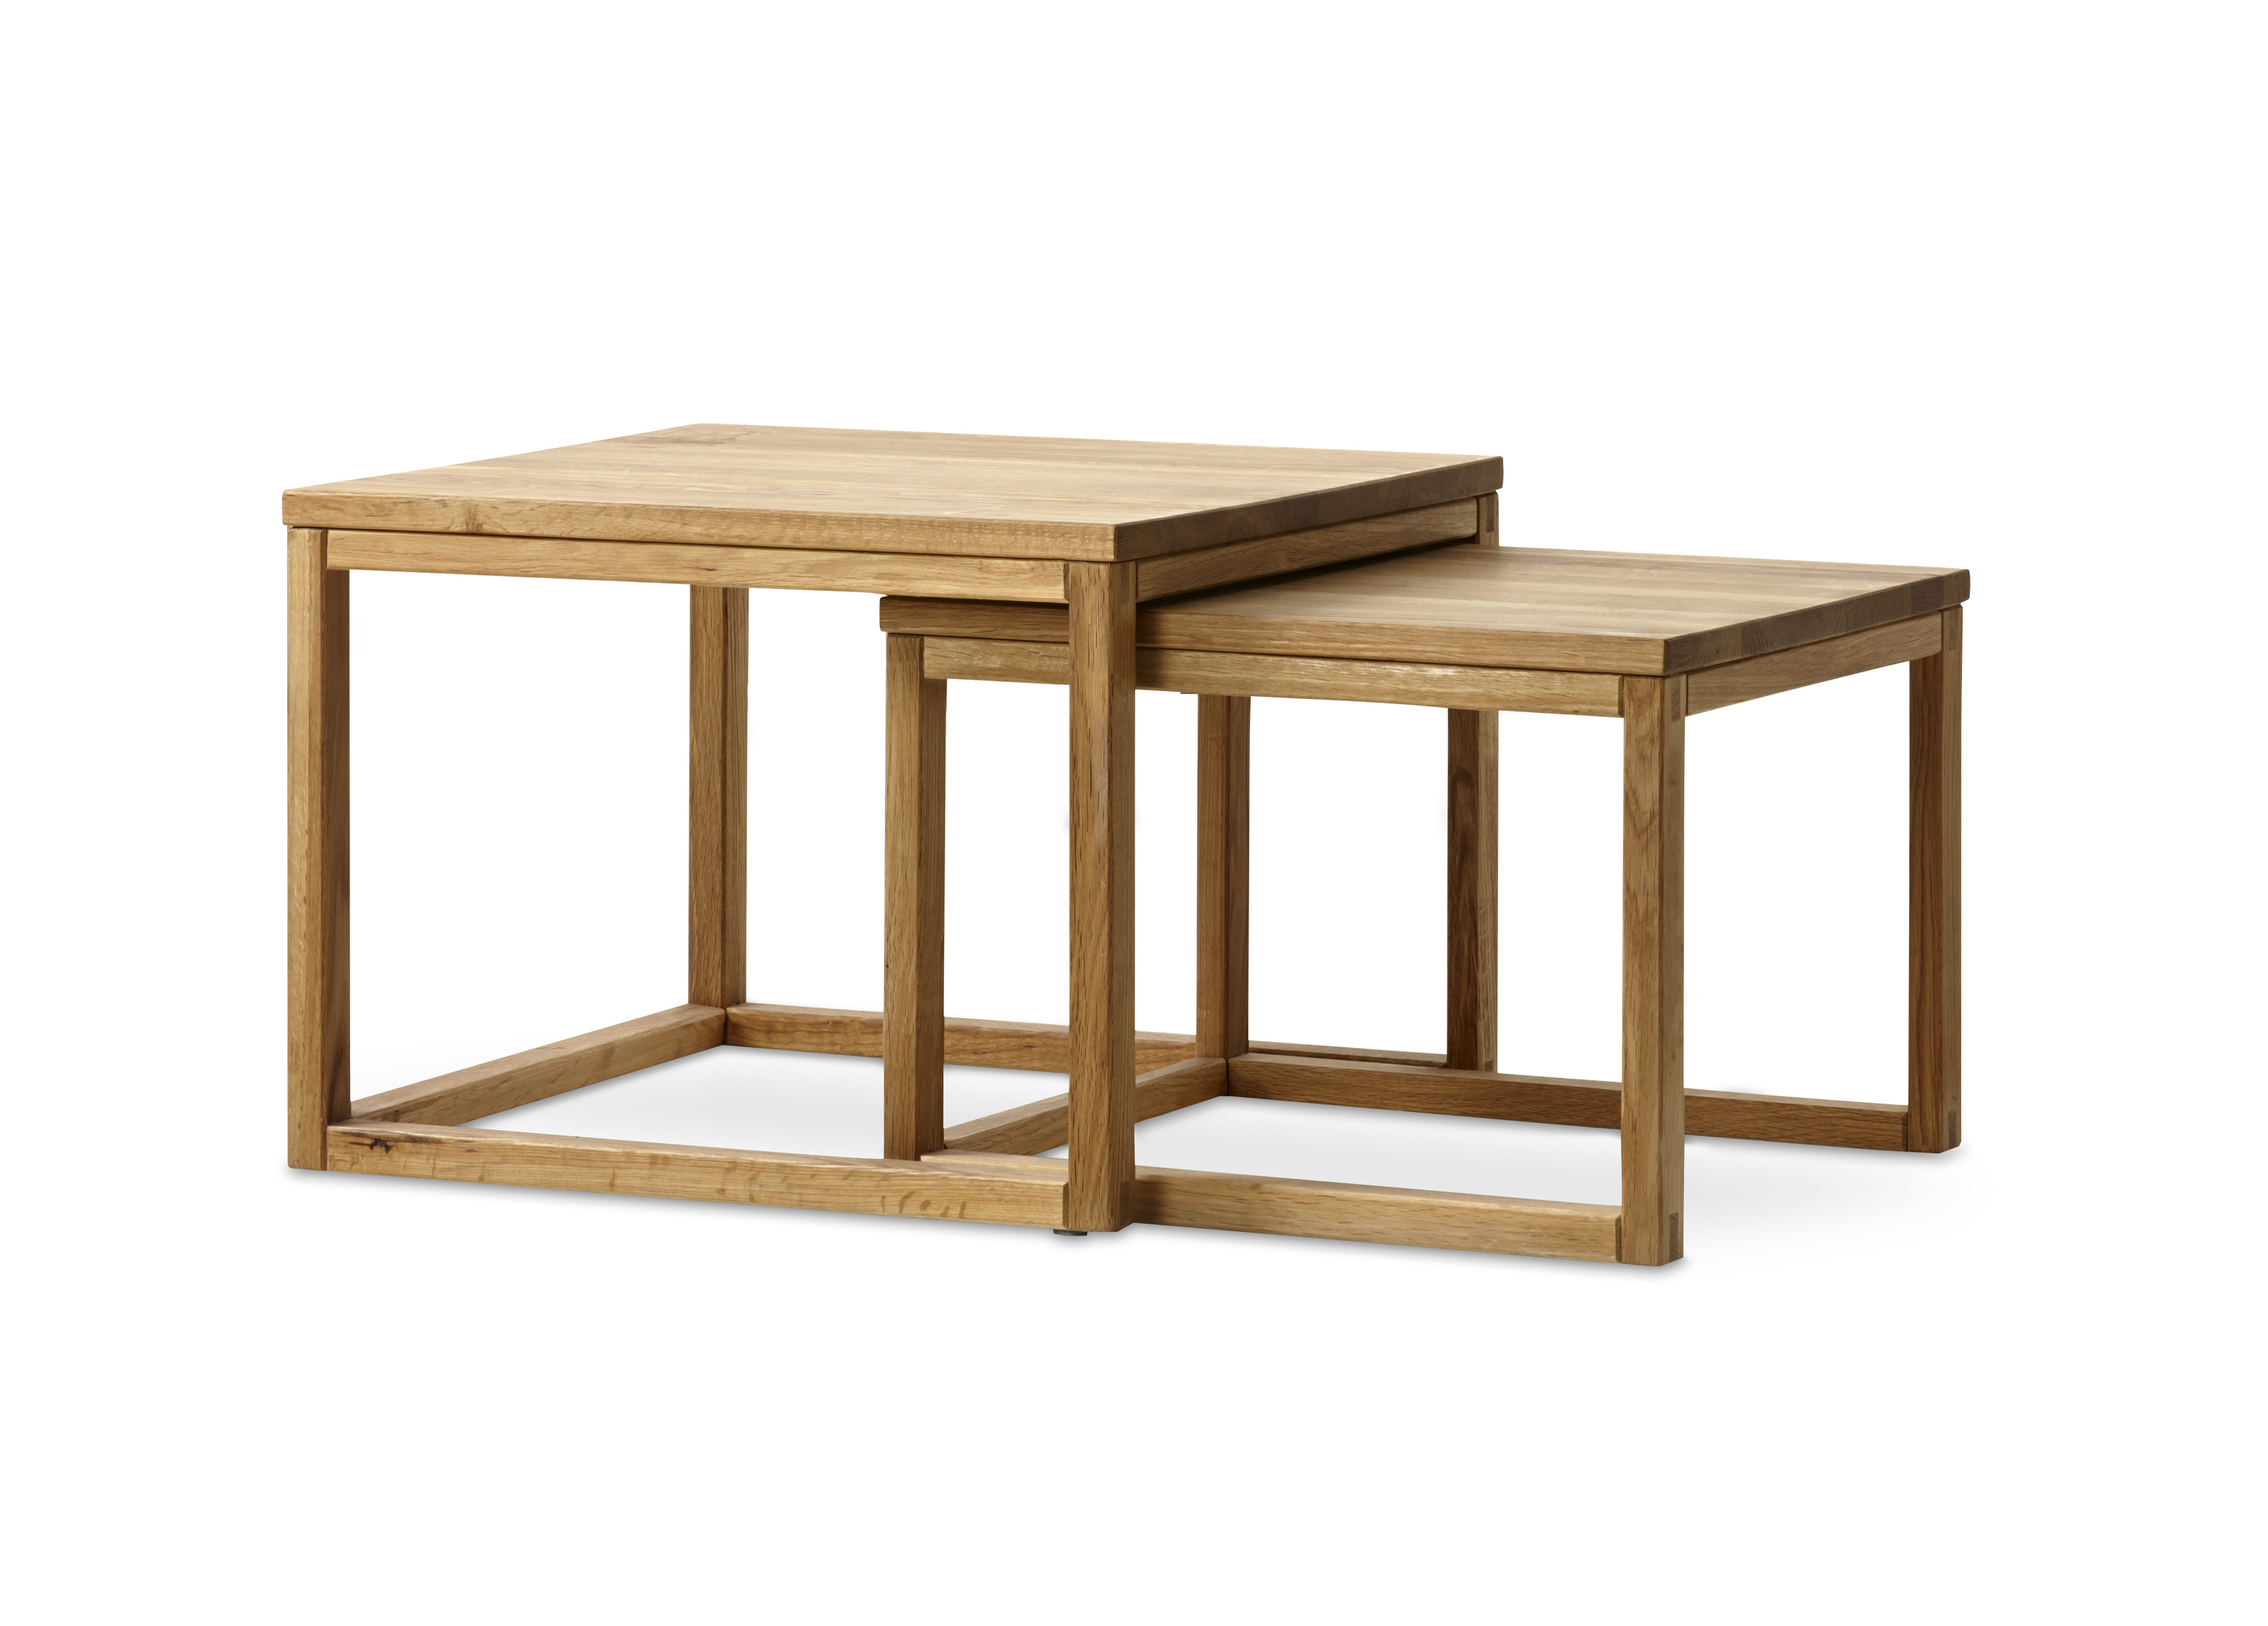 Kira, Soffbord, L 70 cm | Soffbord, Vardagsrum, Bord